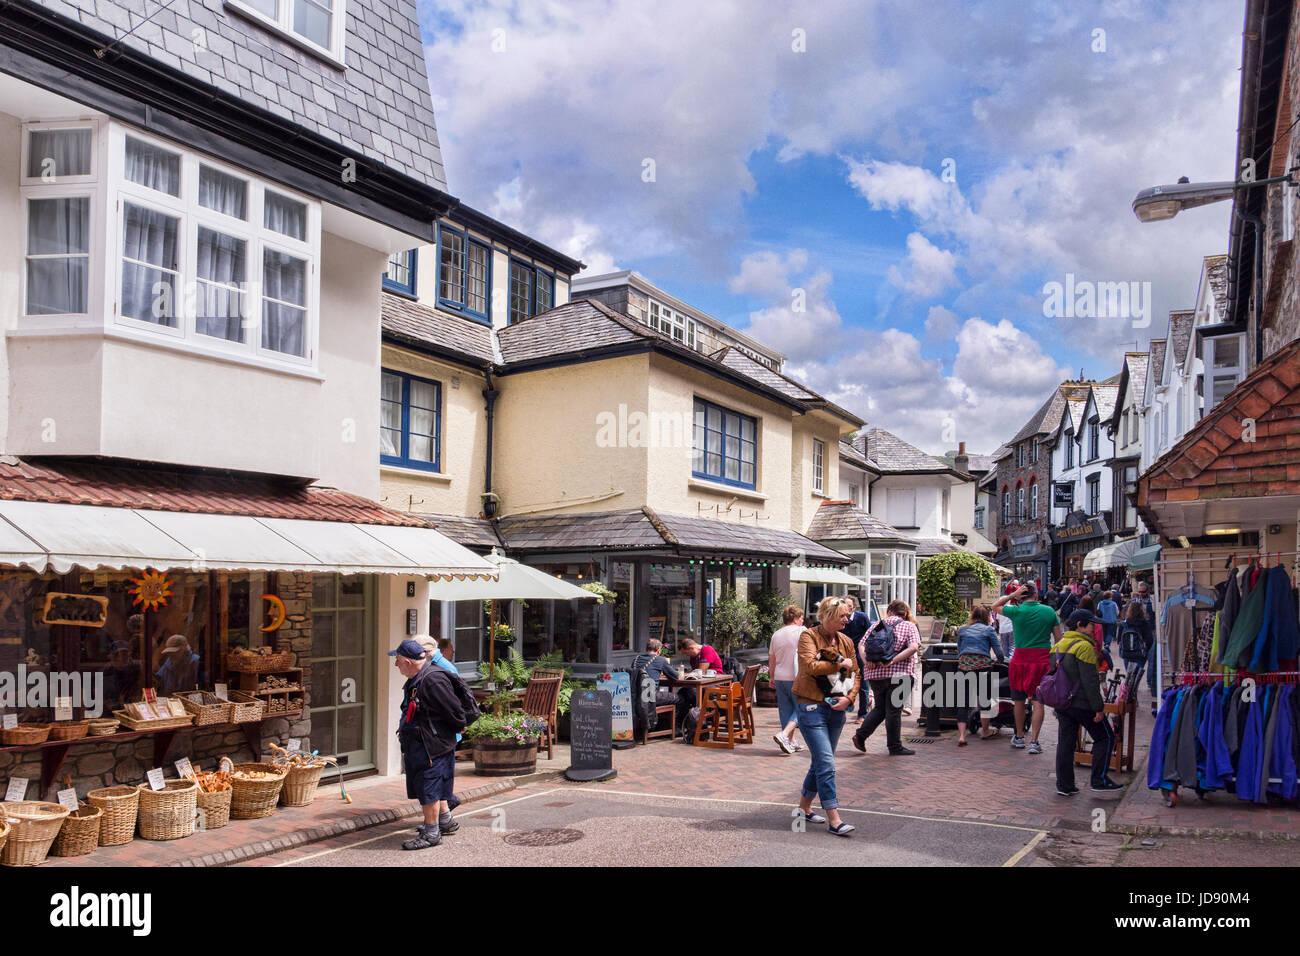 12 Juin 2017: Lynmouth, Devon, England, UK - les foules dans la rue commerçante animée Lynmouth. Photo Stock